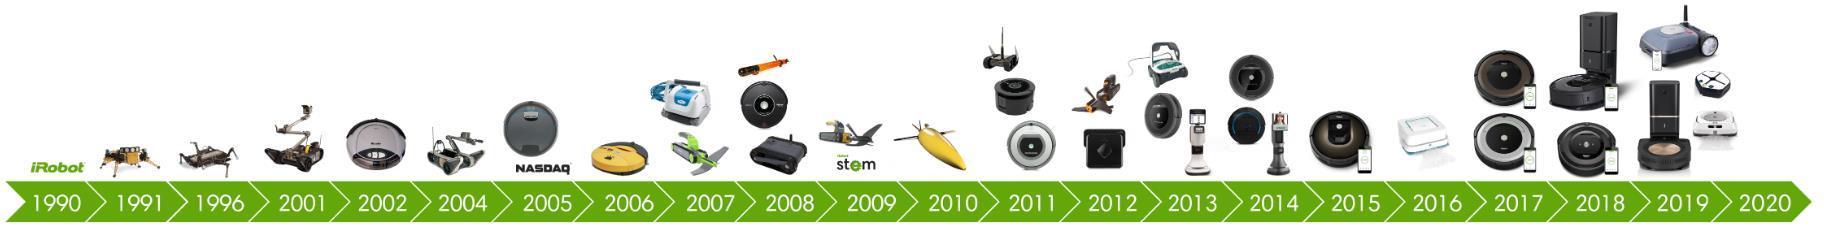 iRobot Roomba S9 Saugroboter Unternehmensgeschichte